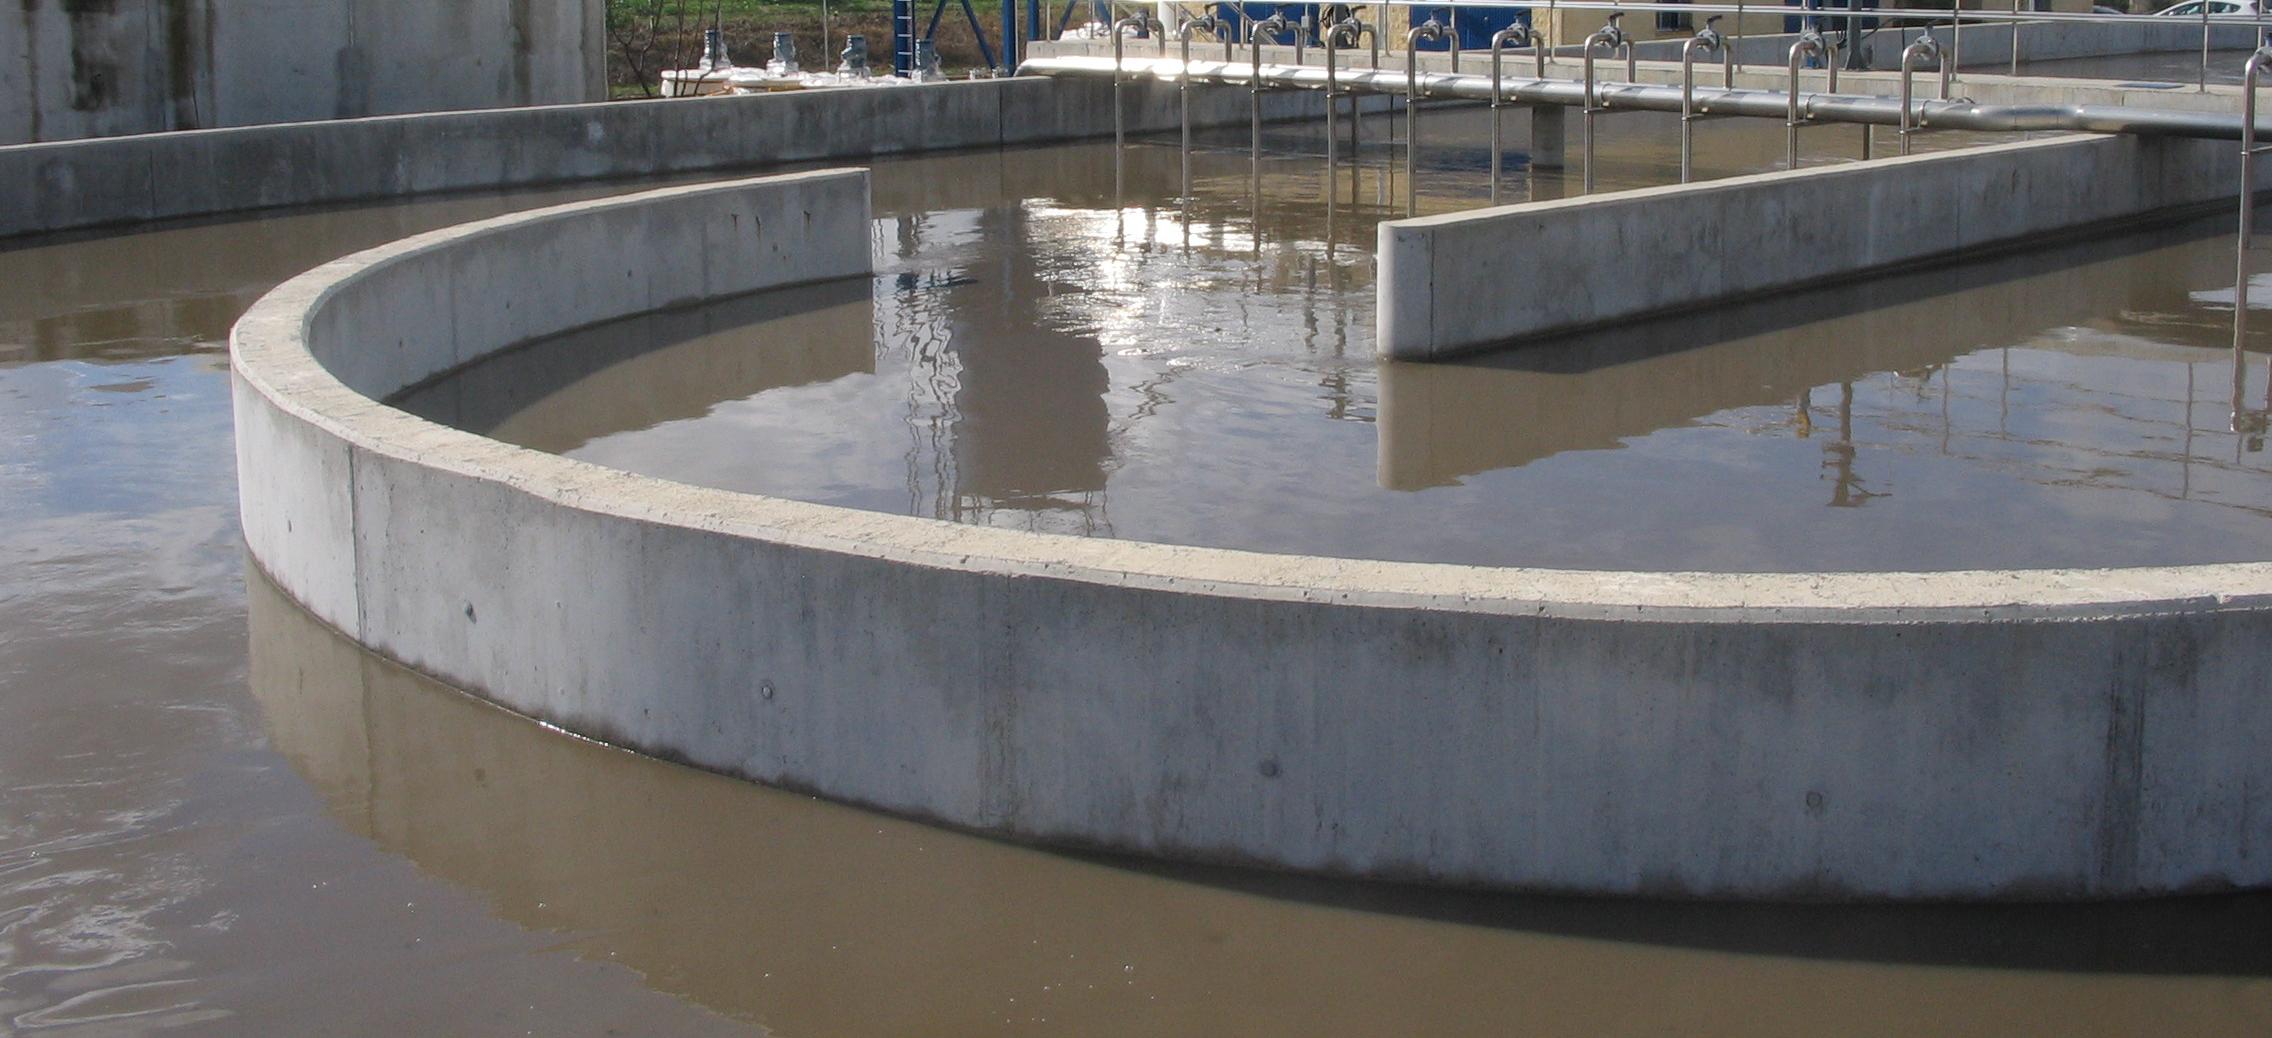 Medio Ambiente adjudica la redacción de diez nuevos proyectos de depuración en municipios de Córdoba, Málaga, Jaén y Cádiz